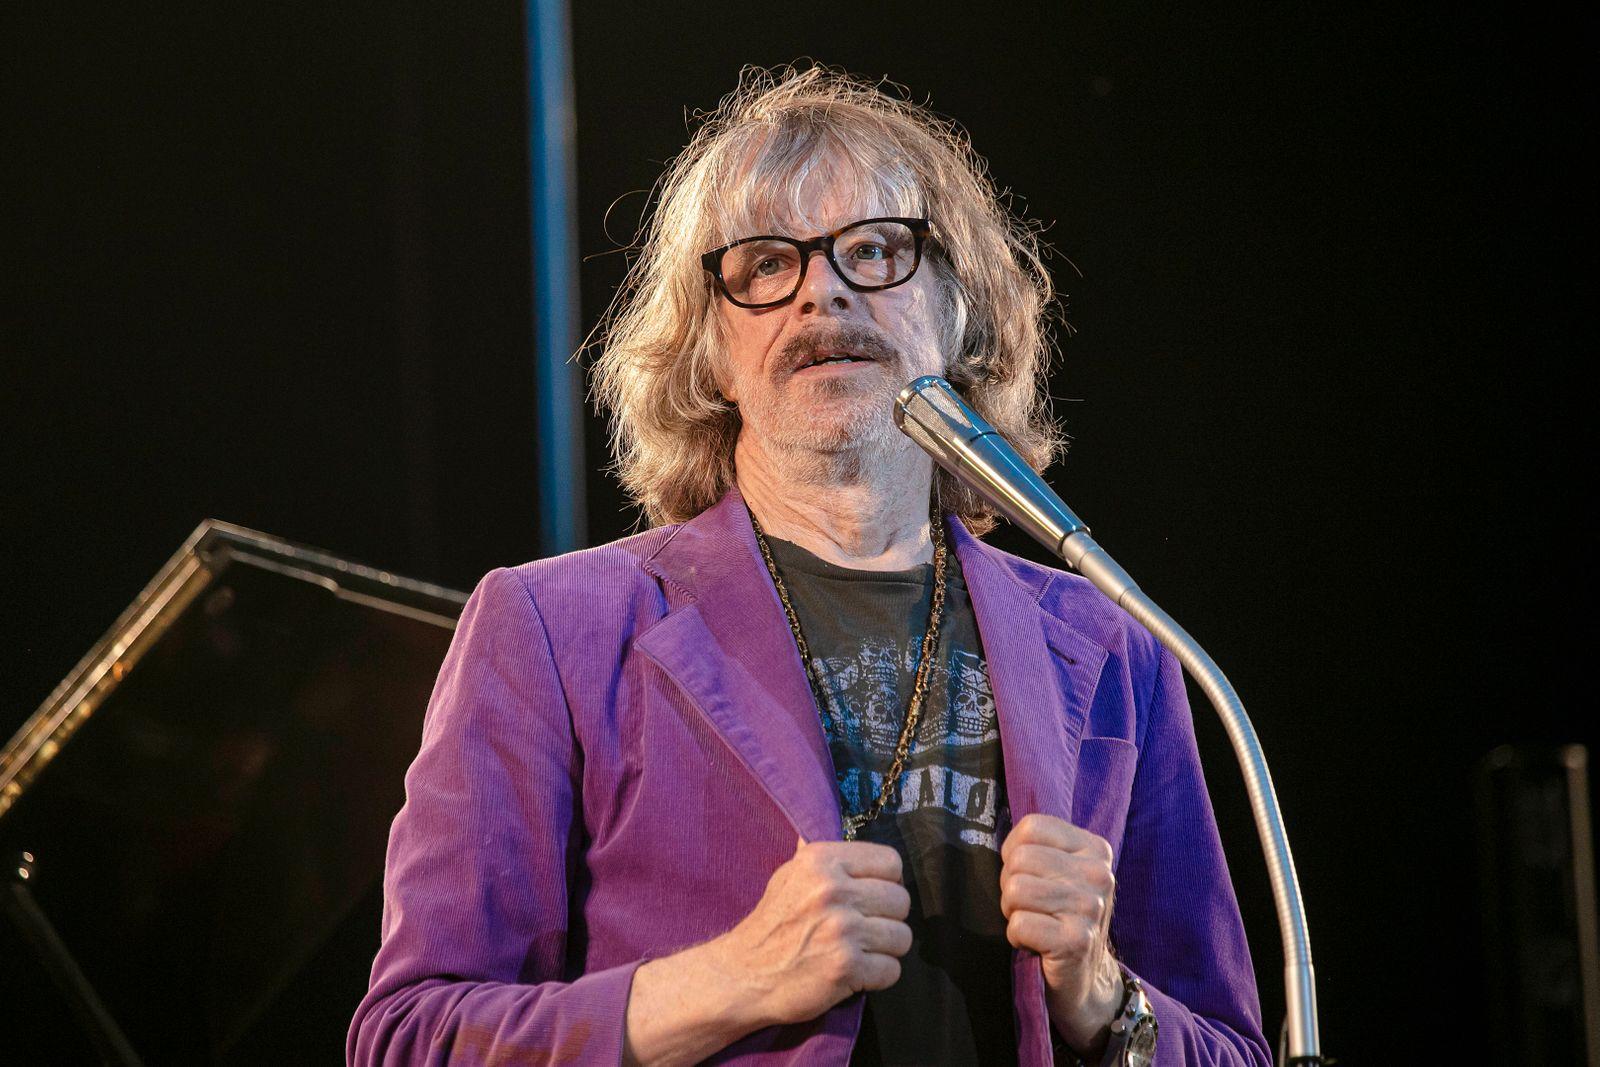 Komiker und Multiinstrumentalist Helge Schneider (65) während seines Auftrittes mit dem Programm Let s Lach im Rahmen de